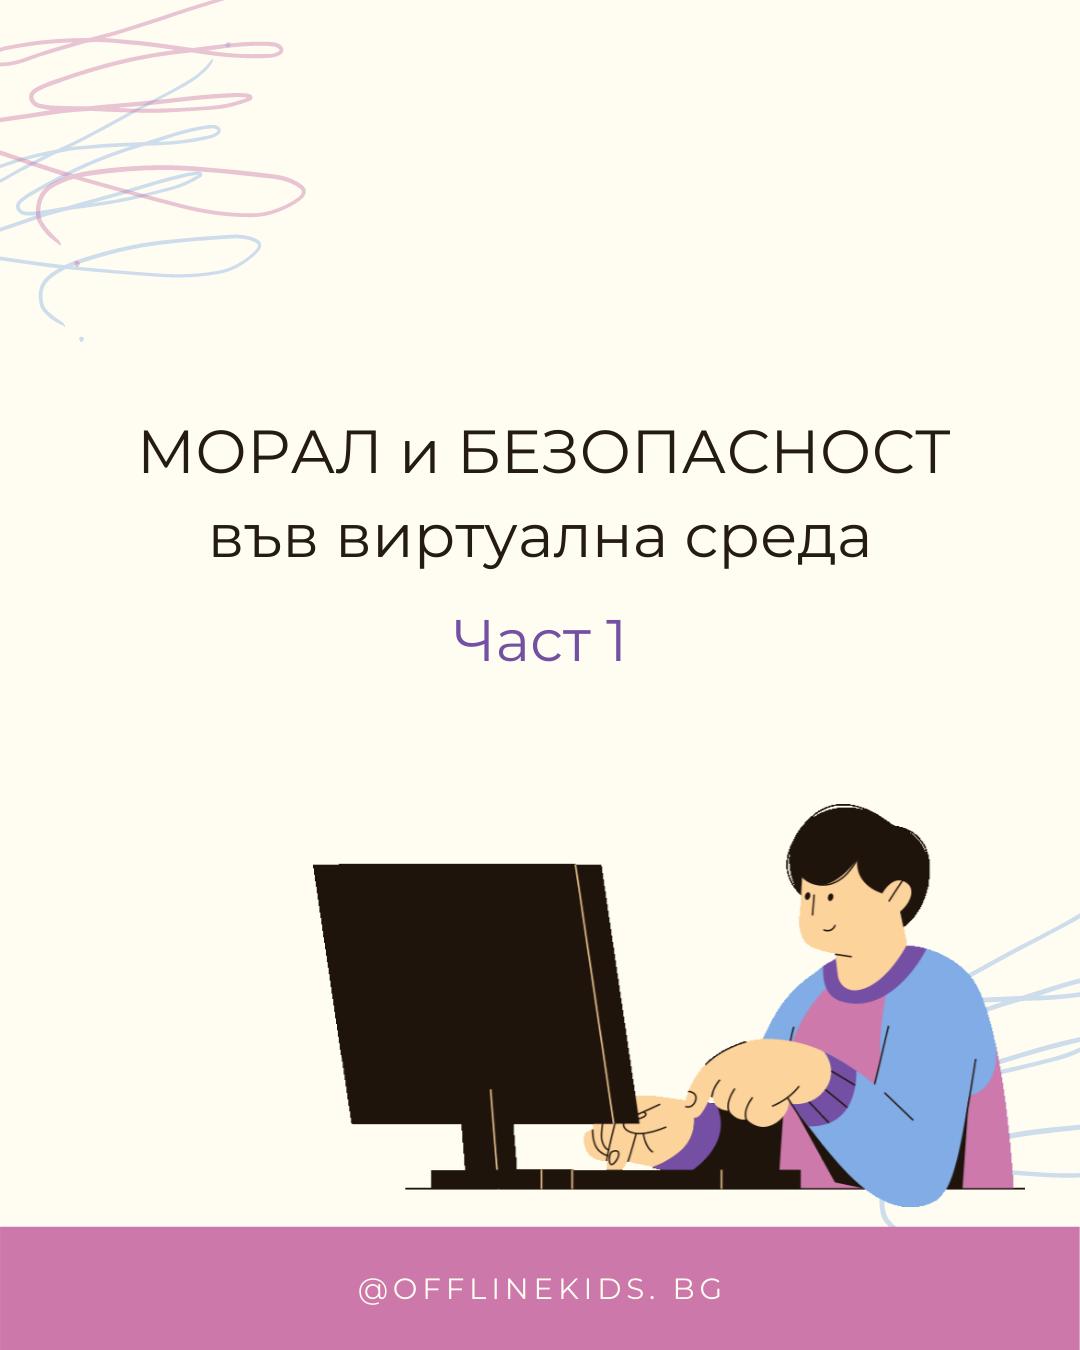 Морал и безопасност във виртуалната среда – част 1